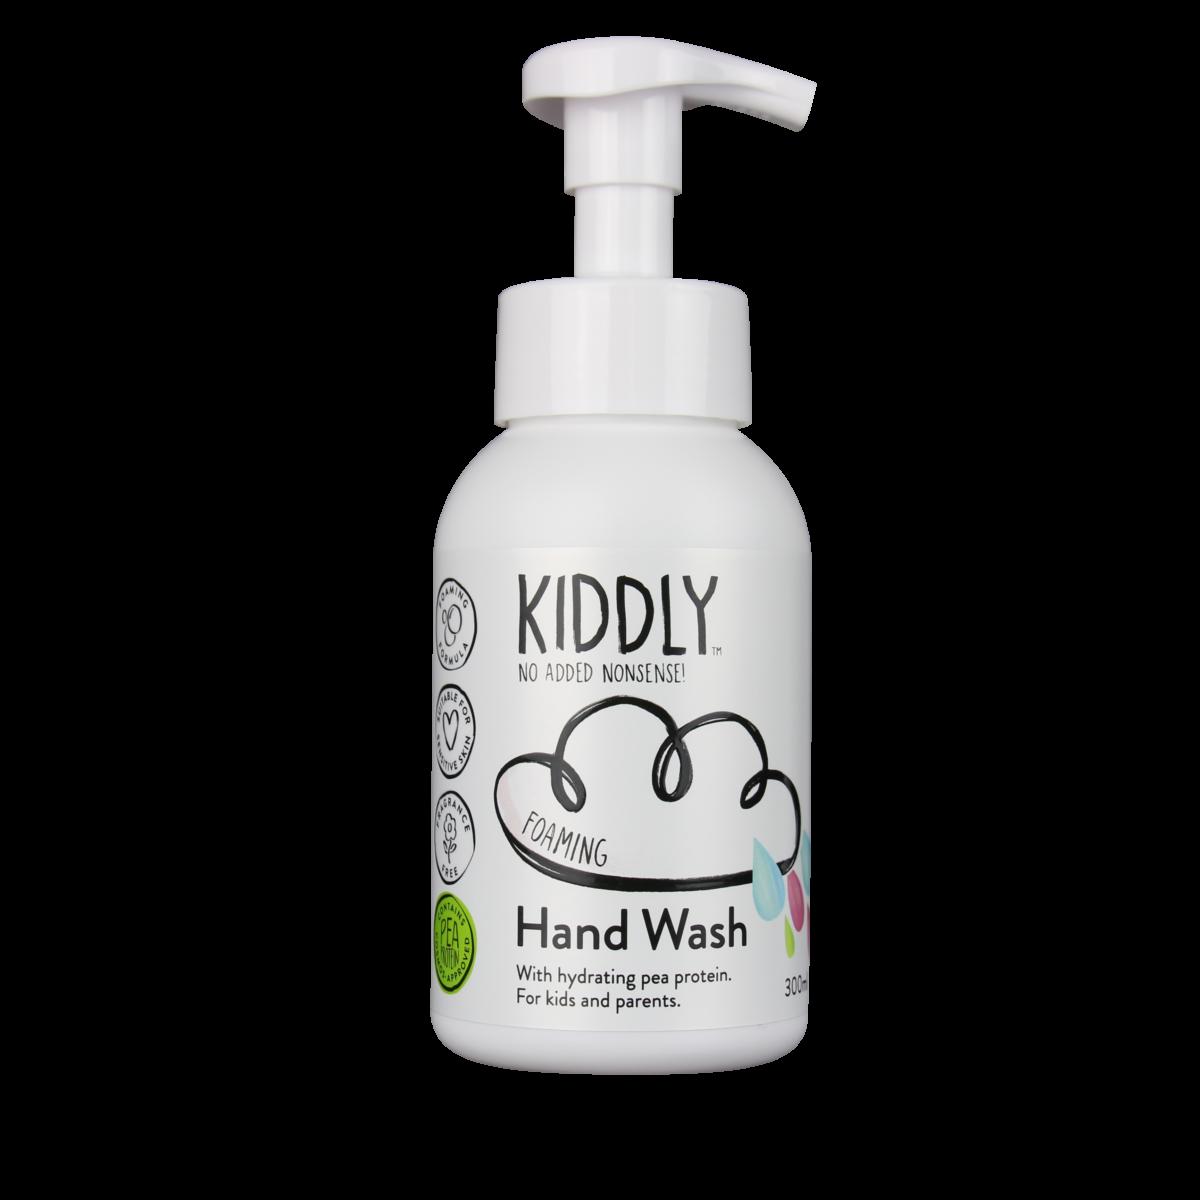 HAND WASH(オーガニック原料、ピープロテイン配合)